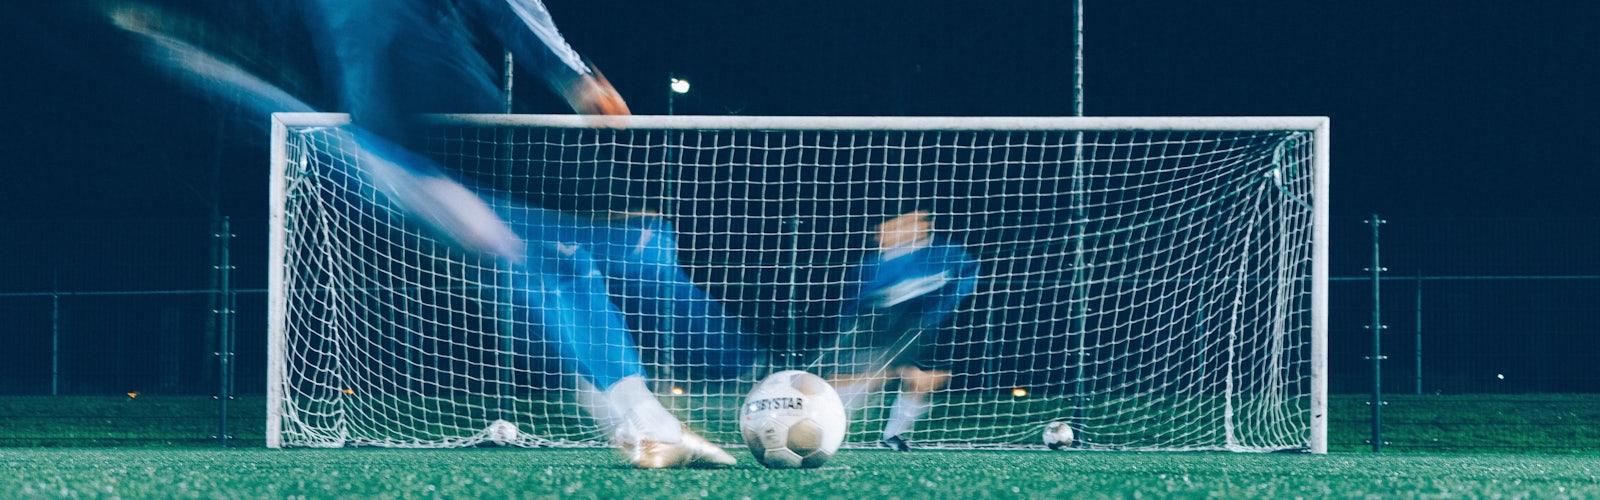 Sportwetten mit erhöhten Quoten